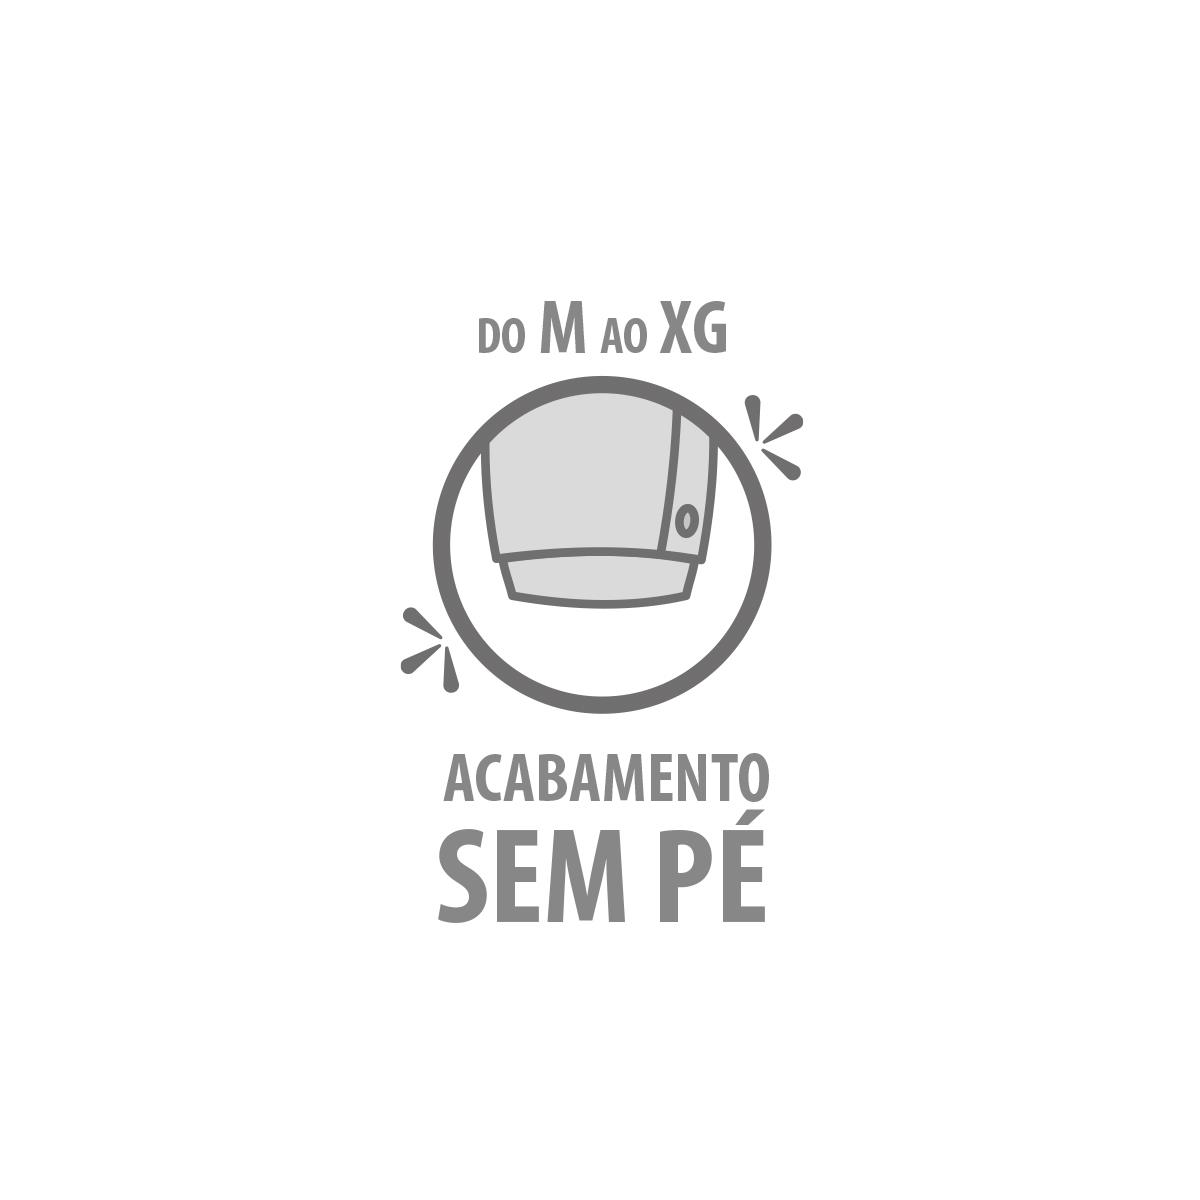 Macacão Soft Peixinho - Tamanhos RN e P com pezinho; M, G e XG sem pezinho  - Piu Blu